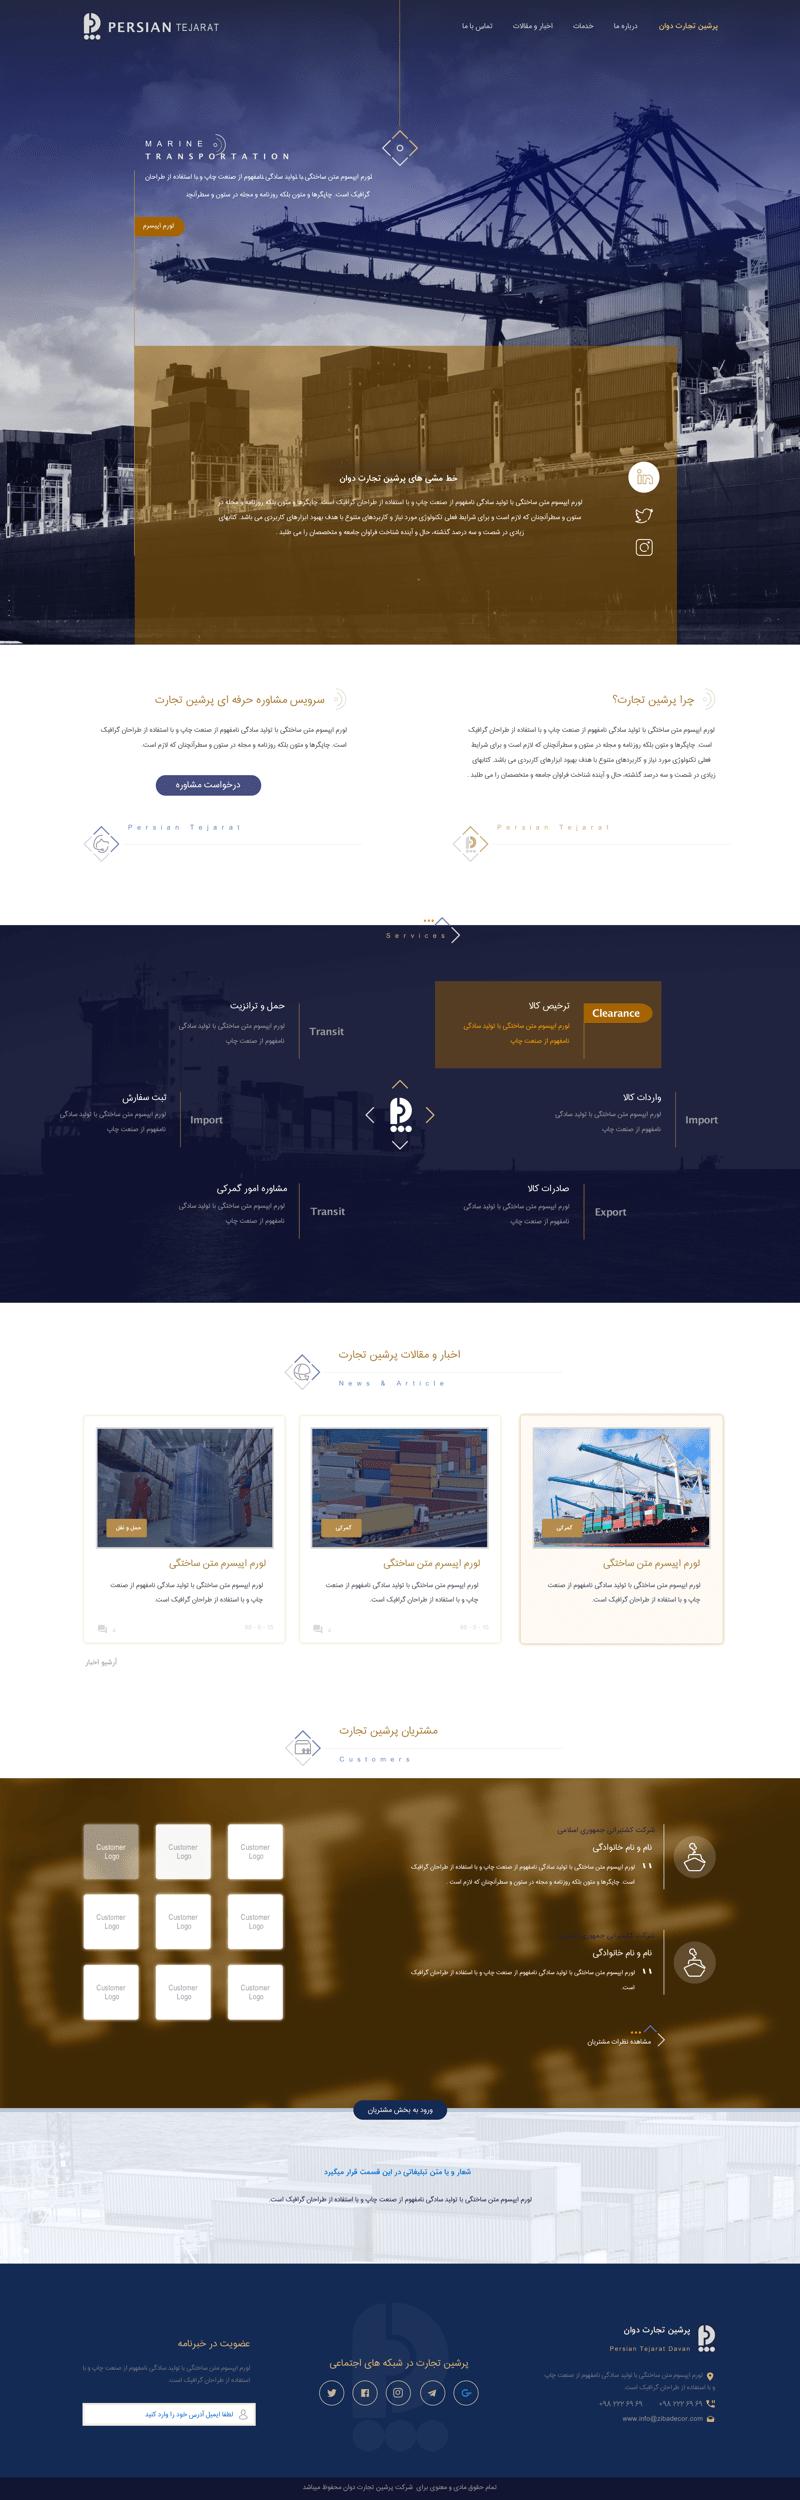 طراحی سایت شرکتی پرشین تجارت